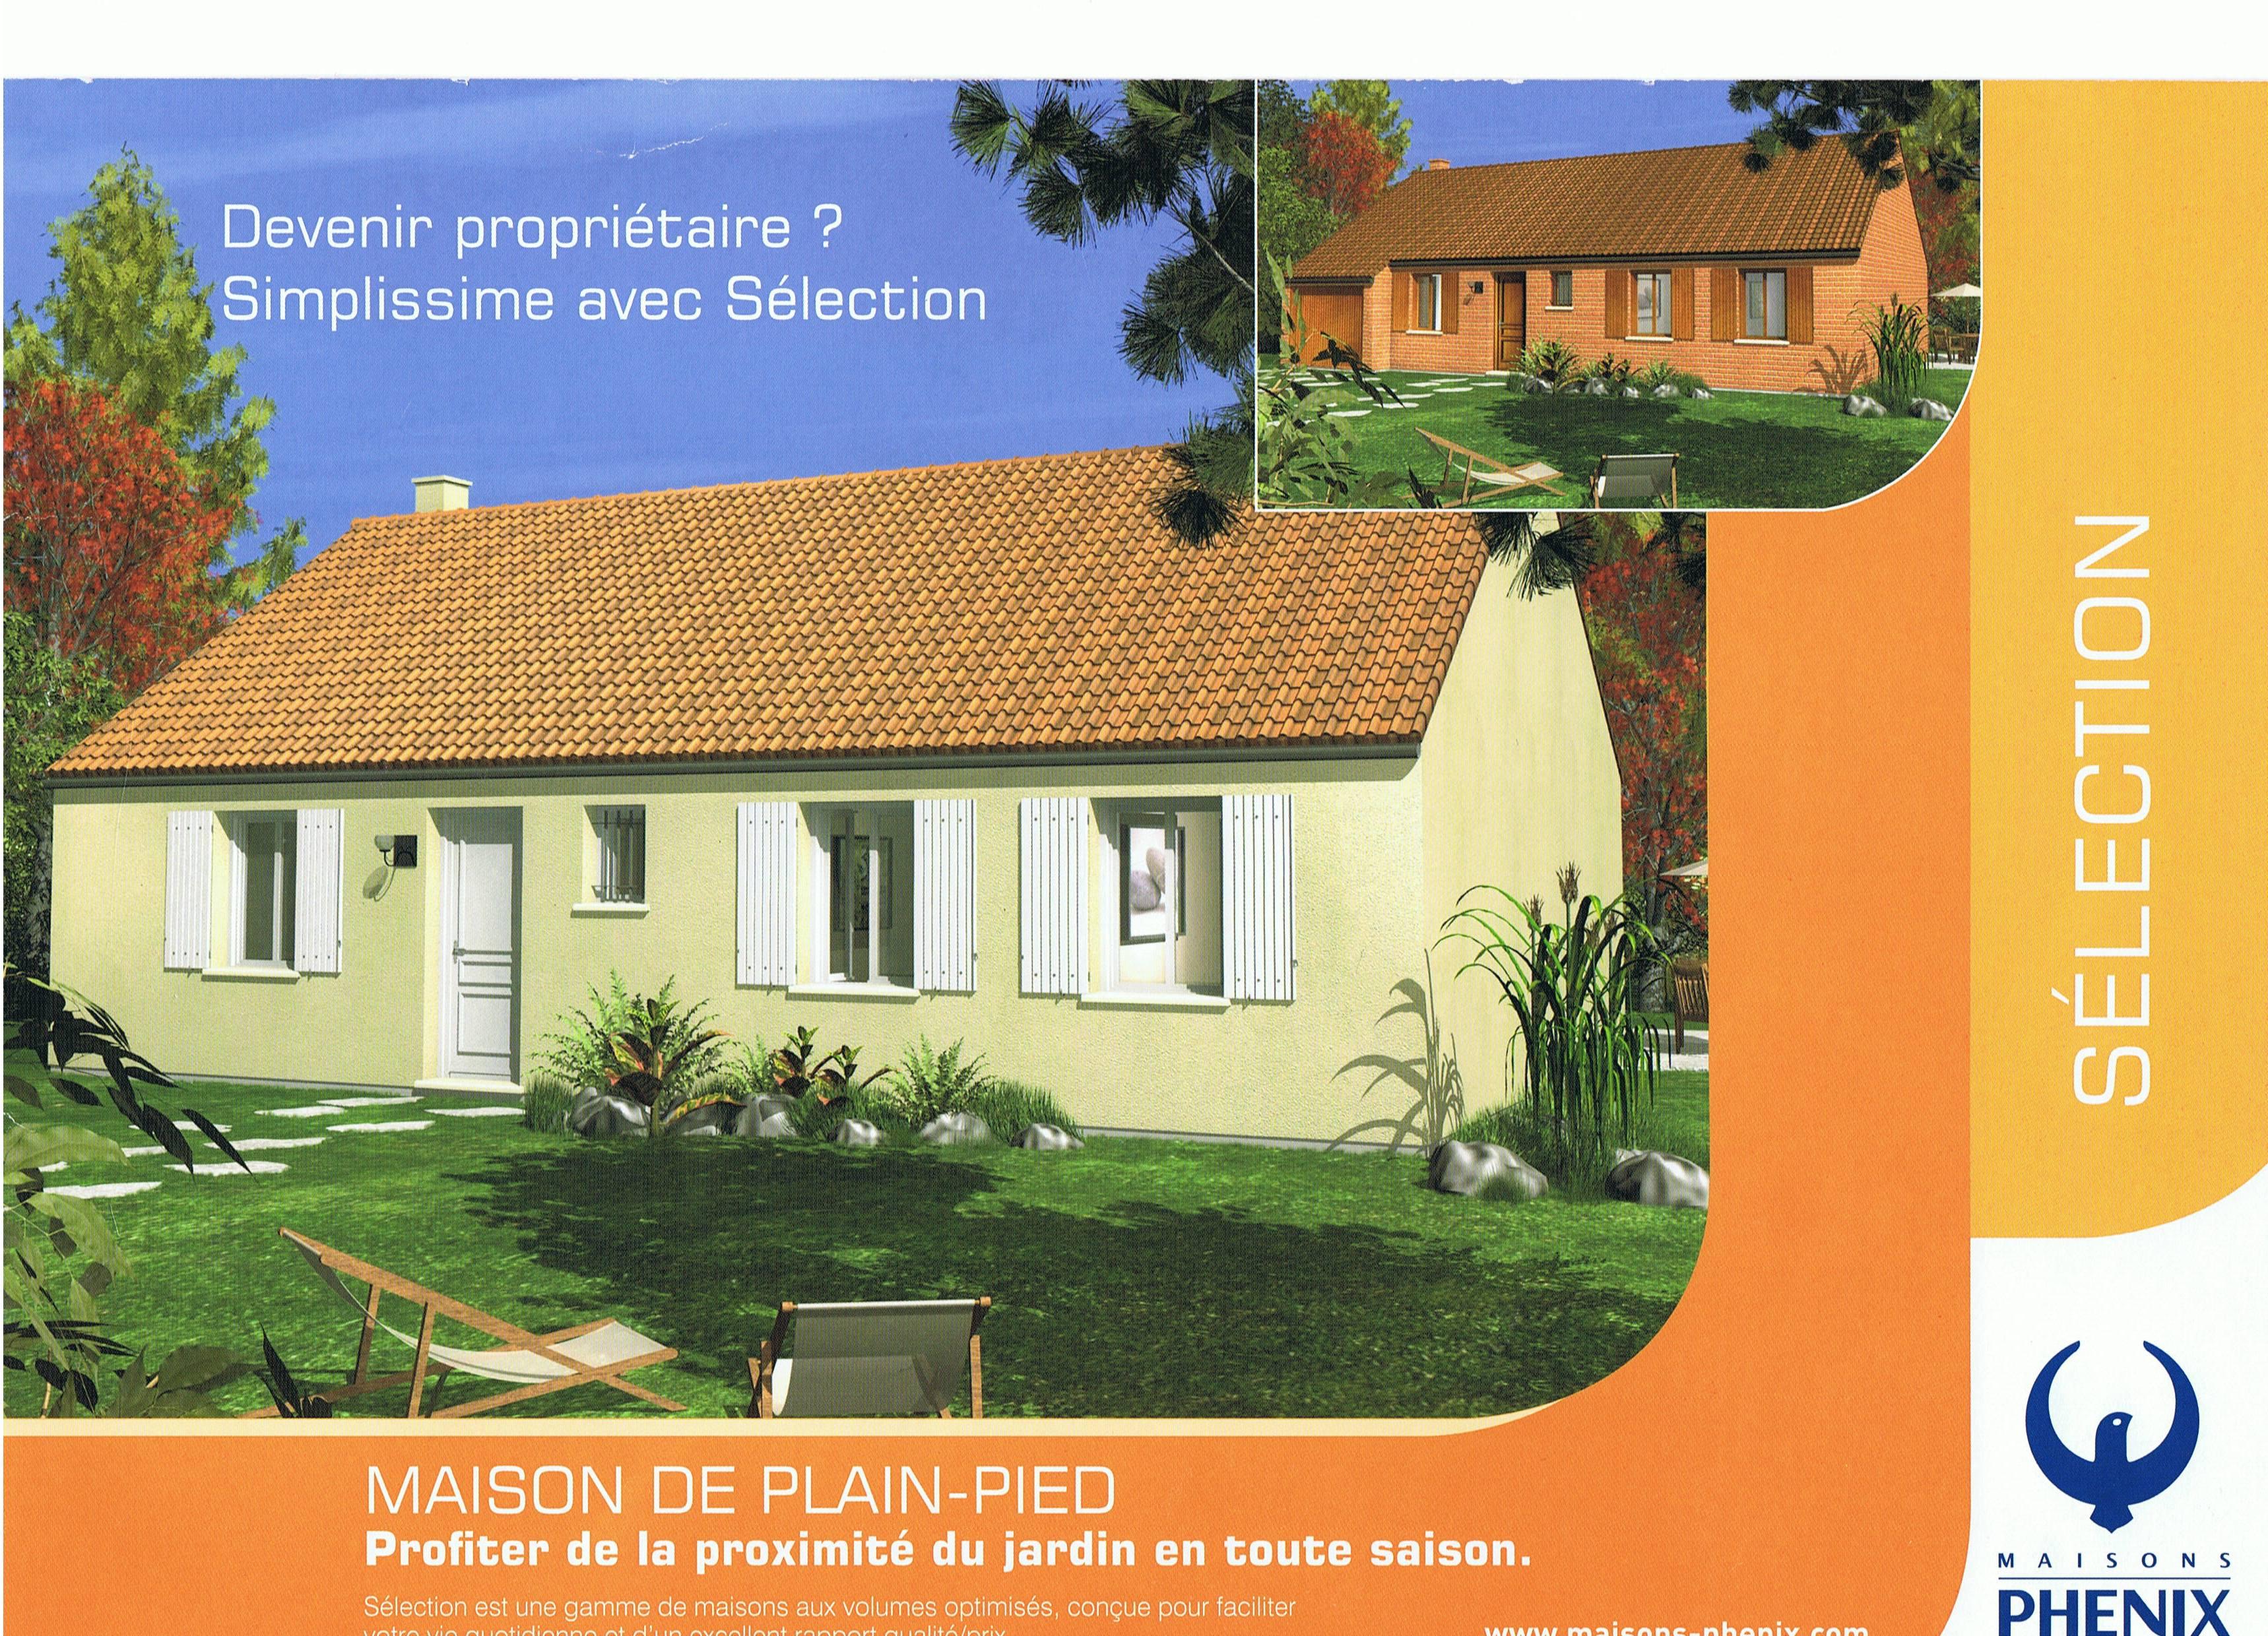 2008 mai 18 notre projet maison phenix for Modele maison phenix